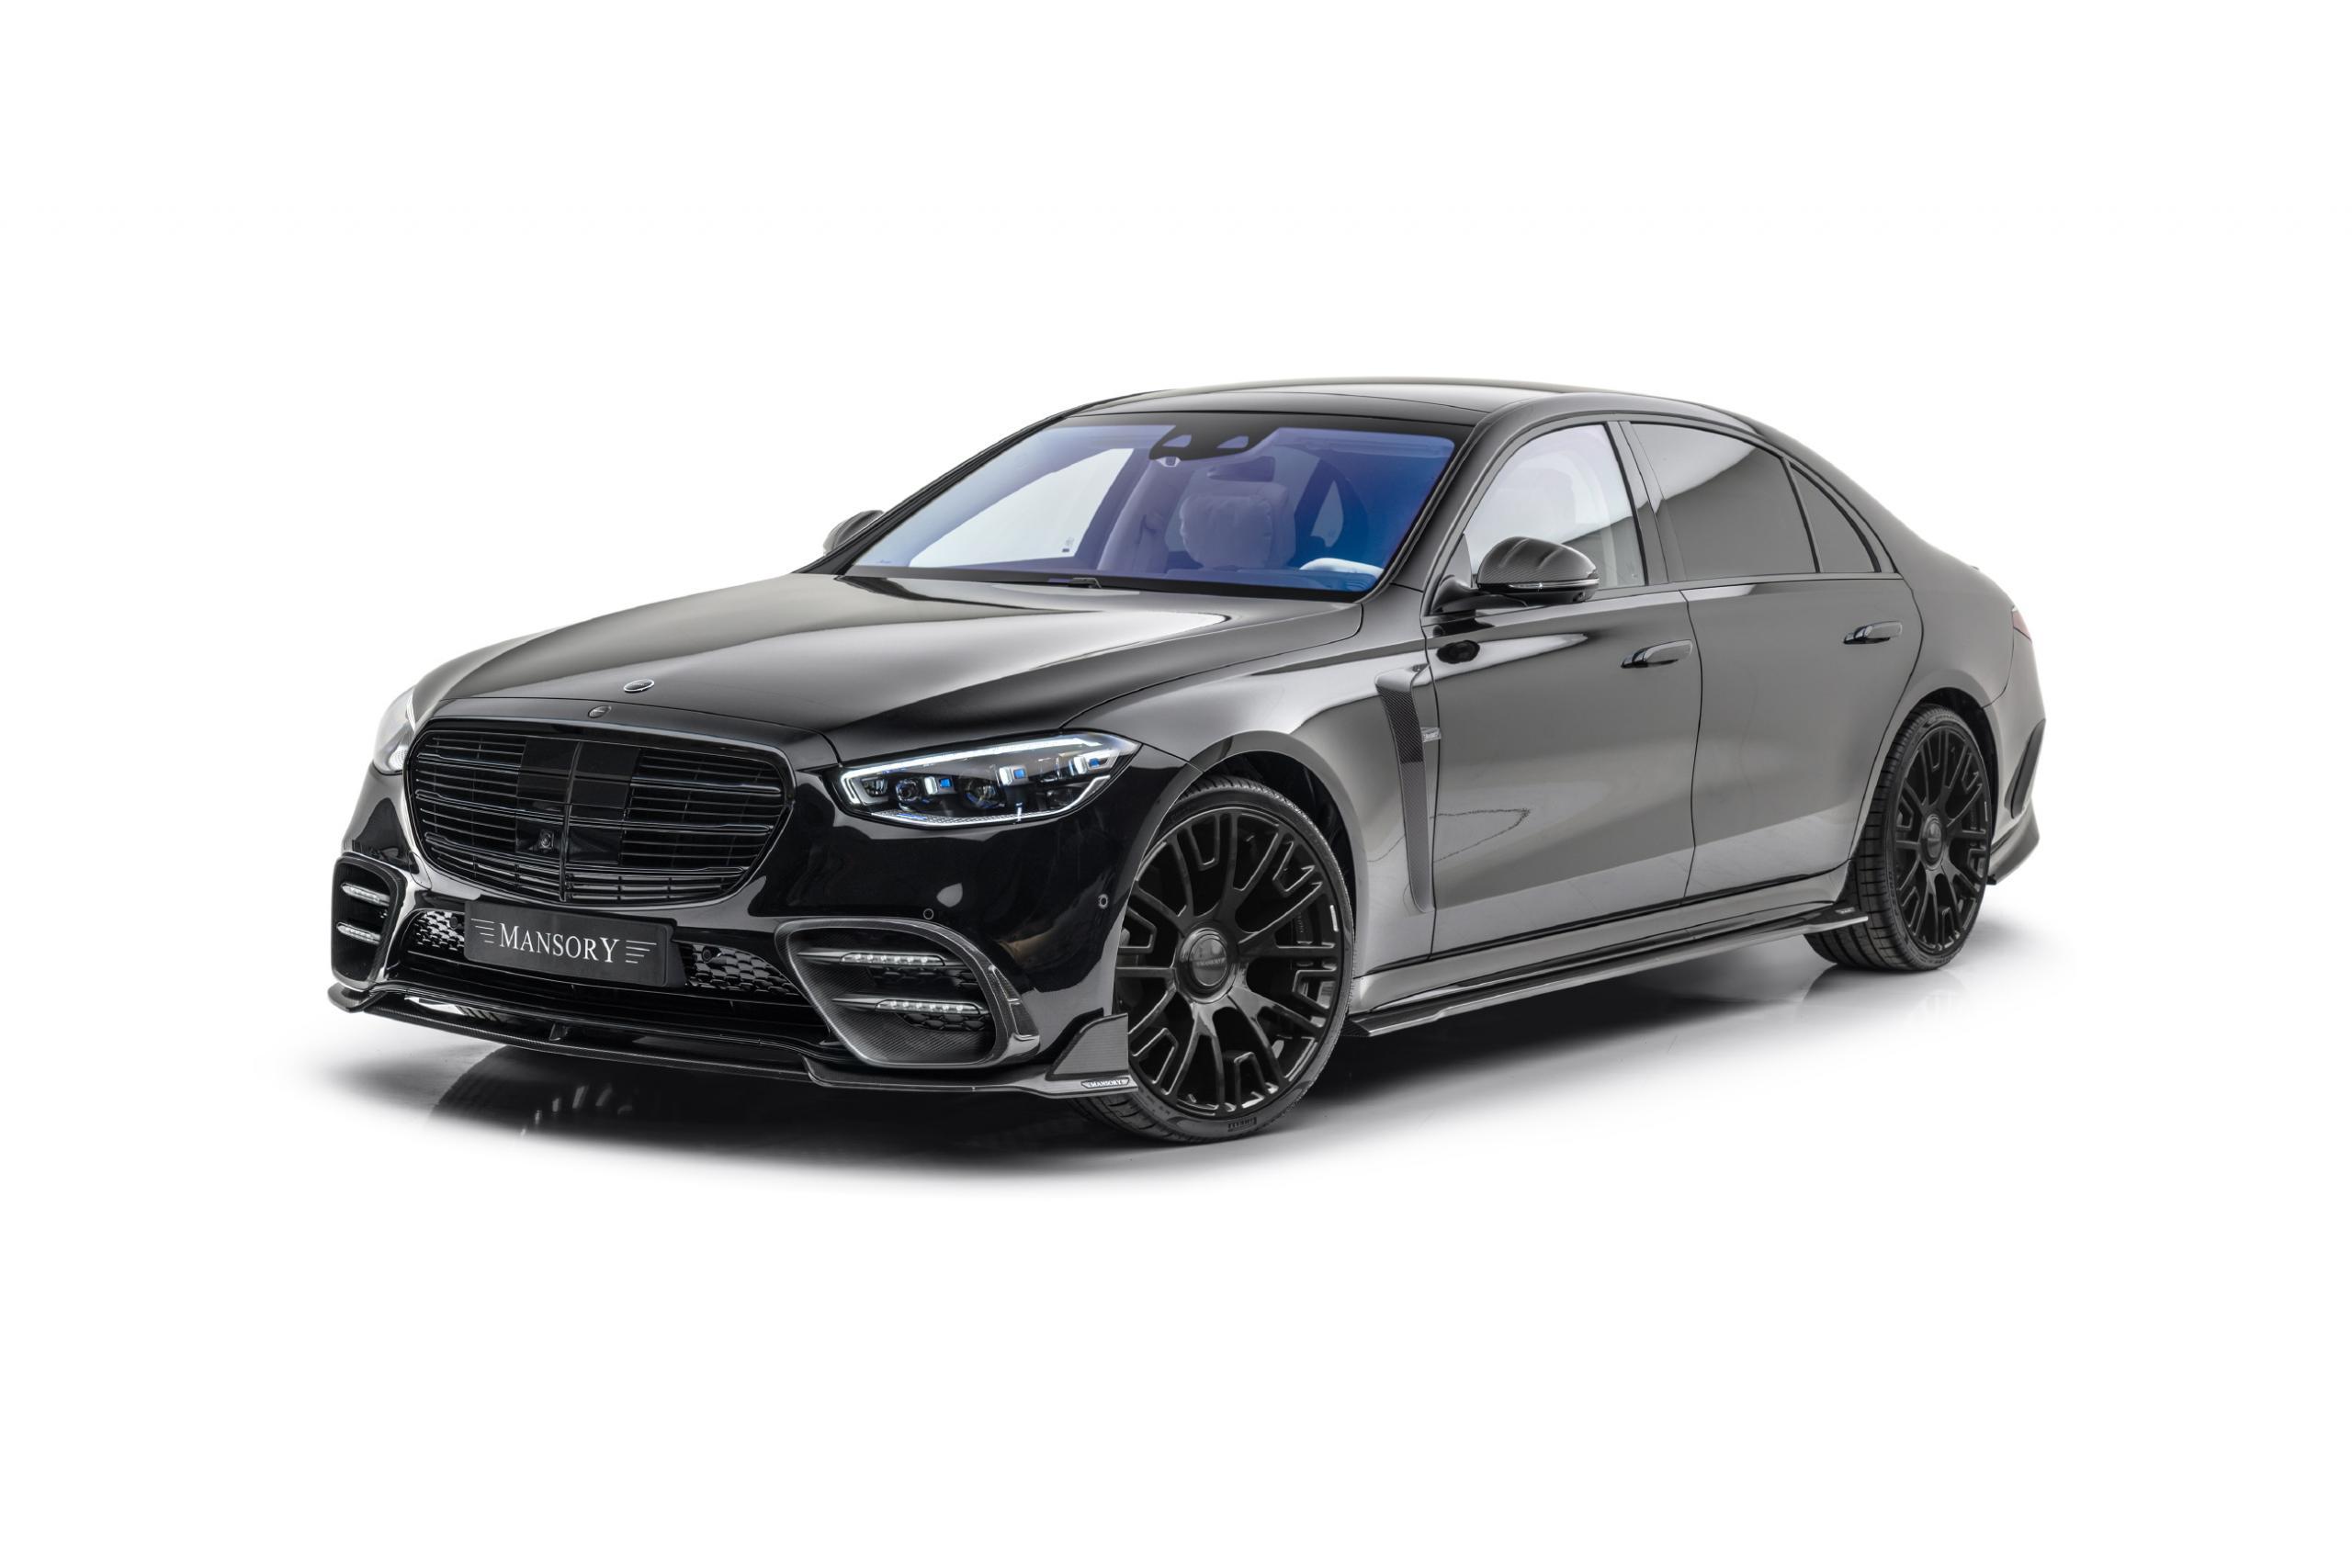 mansory w223 mercedes s class body kit carbon fiber front lip air intake fender mirror cover side skirt set gloss black v6 22 wheel 2021 2022 2023